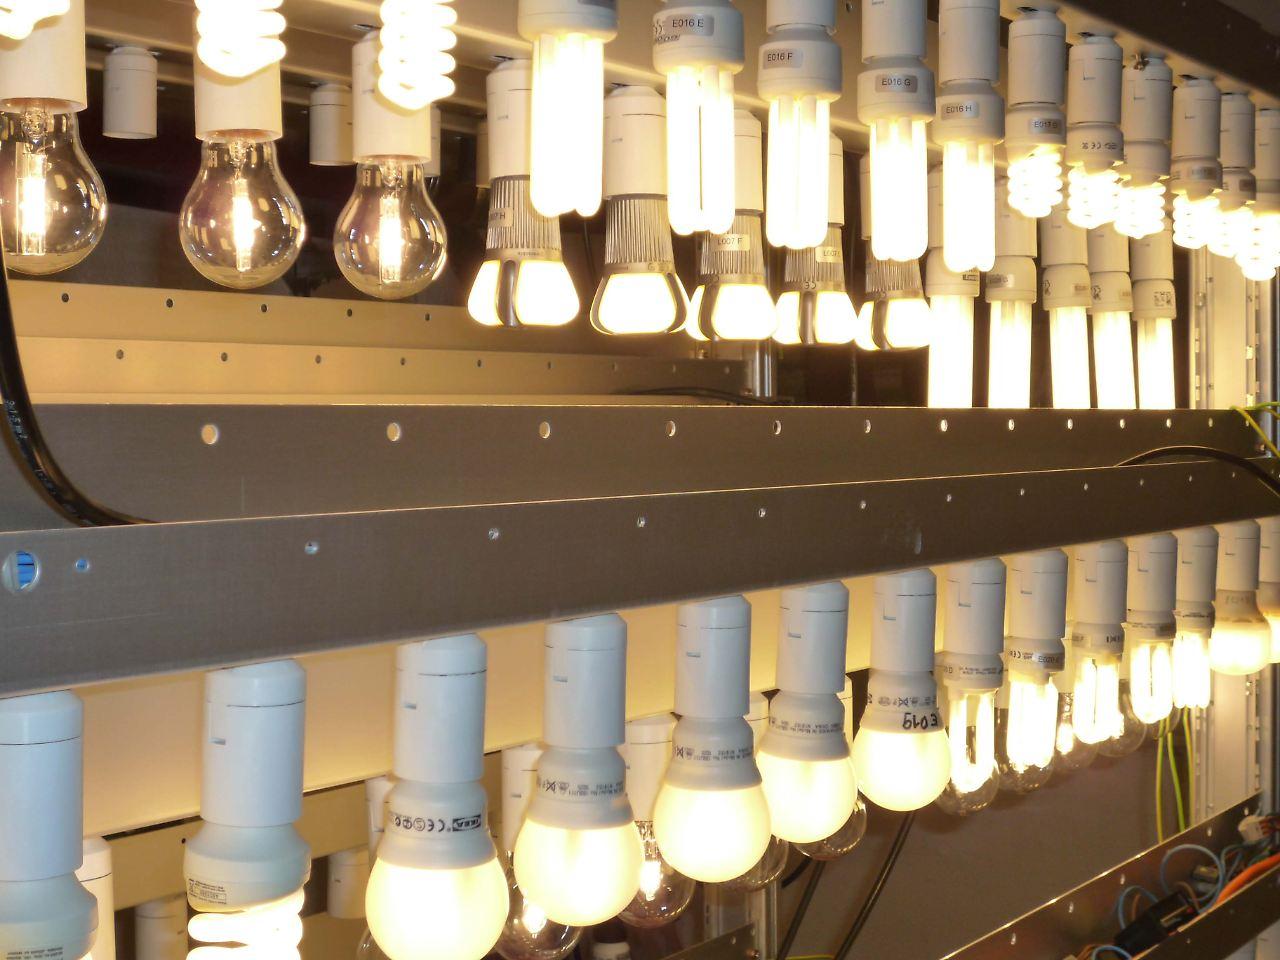 Warentest prüft Energiesparlampen: Richtig gut ist teuer - n-tv.de